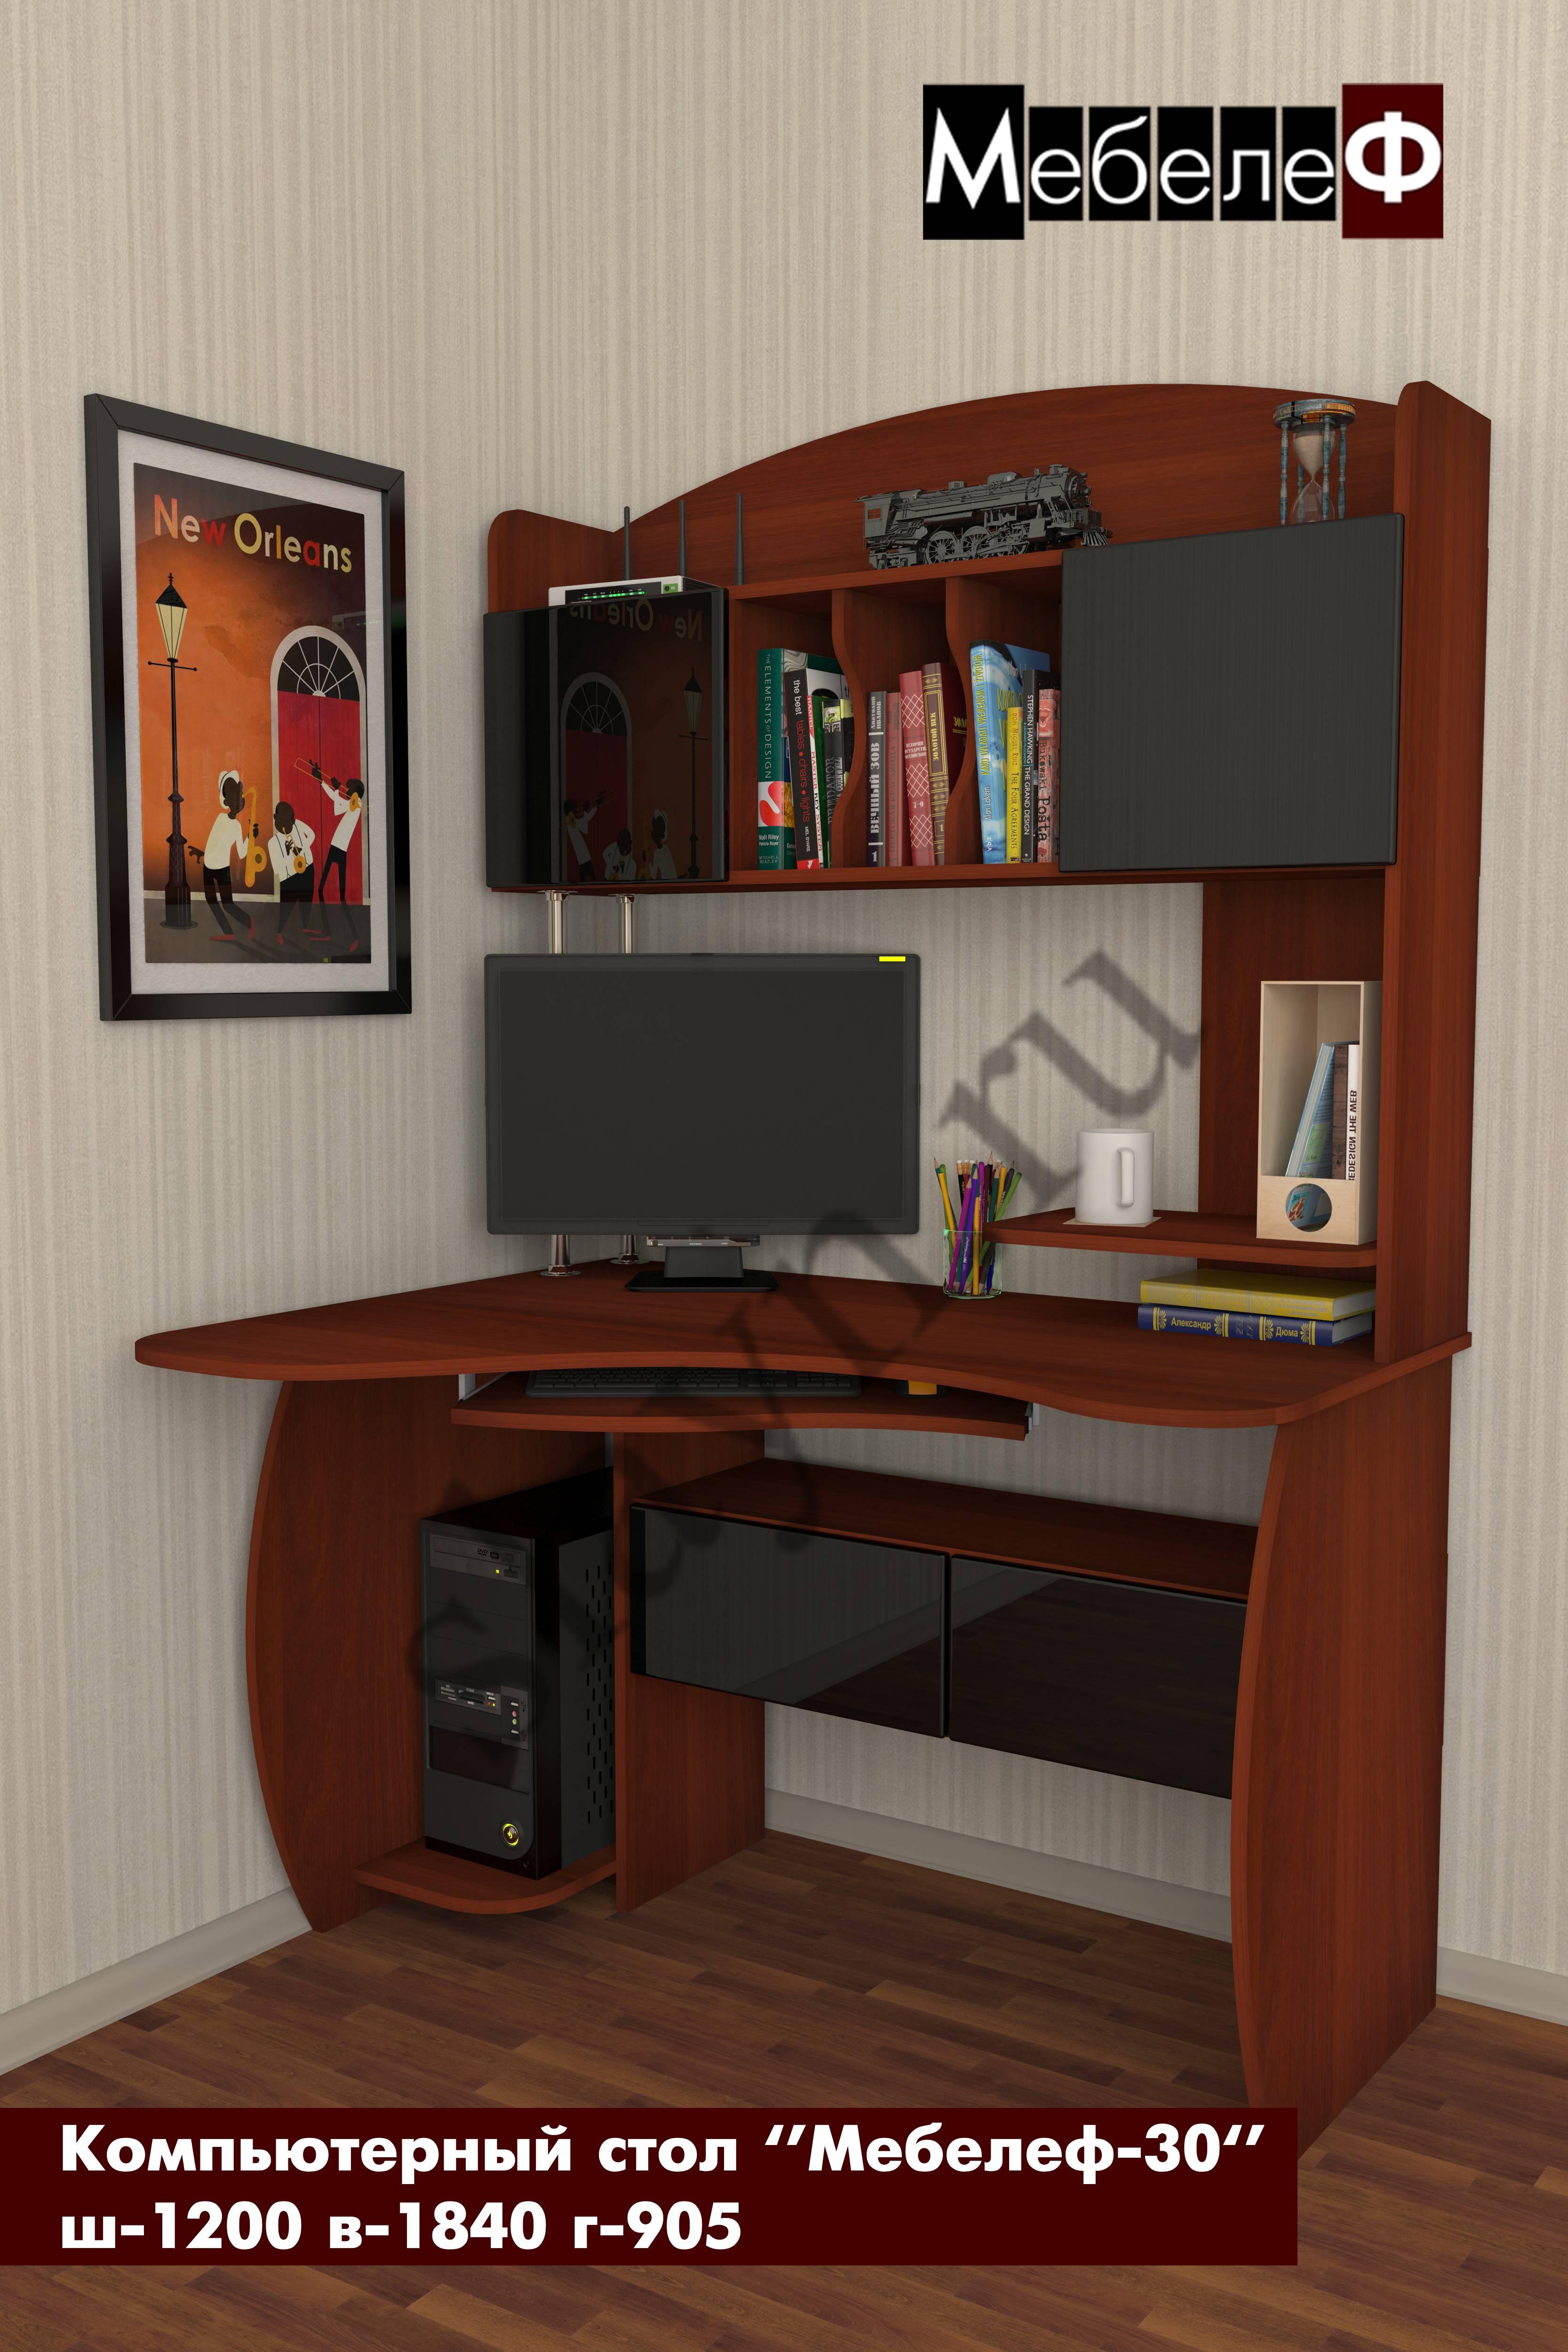 """Компьютерный стол мебелеф """"мебелеф-30"""" Чёрный глянец 2905, л."""